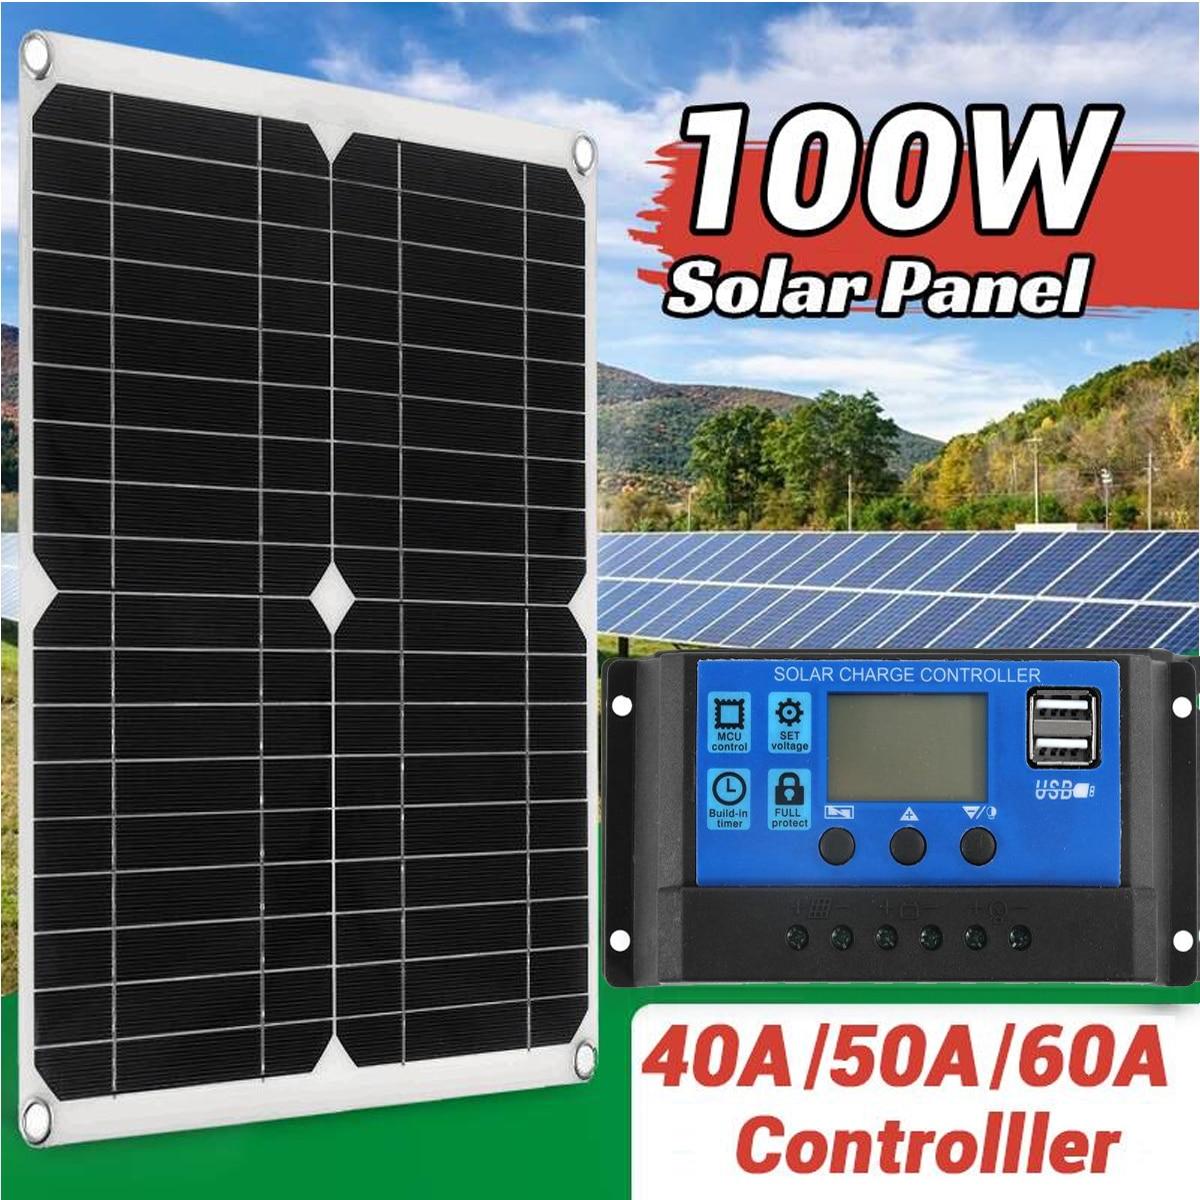 100 واط لوحة طاقة شمسية مزدوجة USB مع تحكم 12 فولت المحمولة قوة البنك الشمسية شاحن للهاتف الذكي شاحن سيارة مخيمات قارب RV